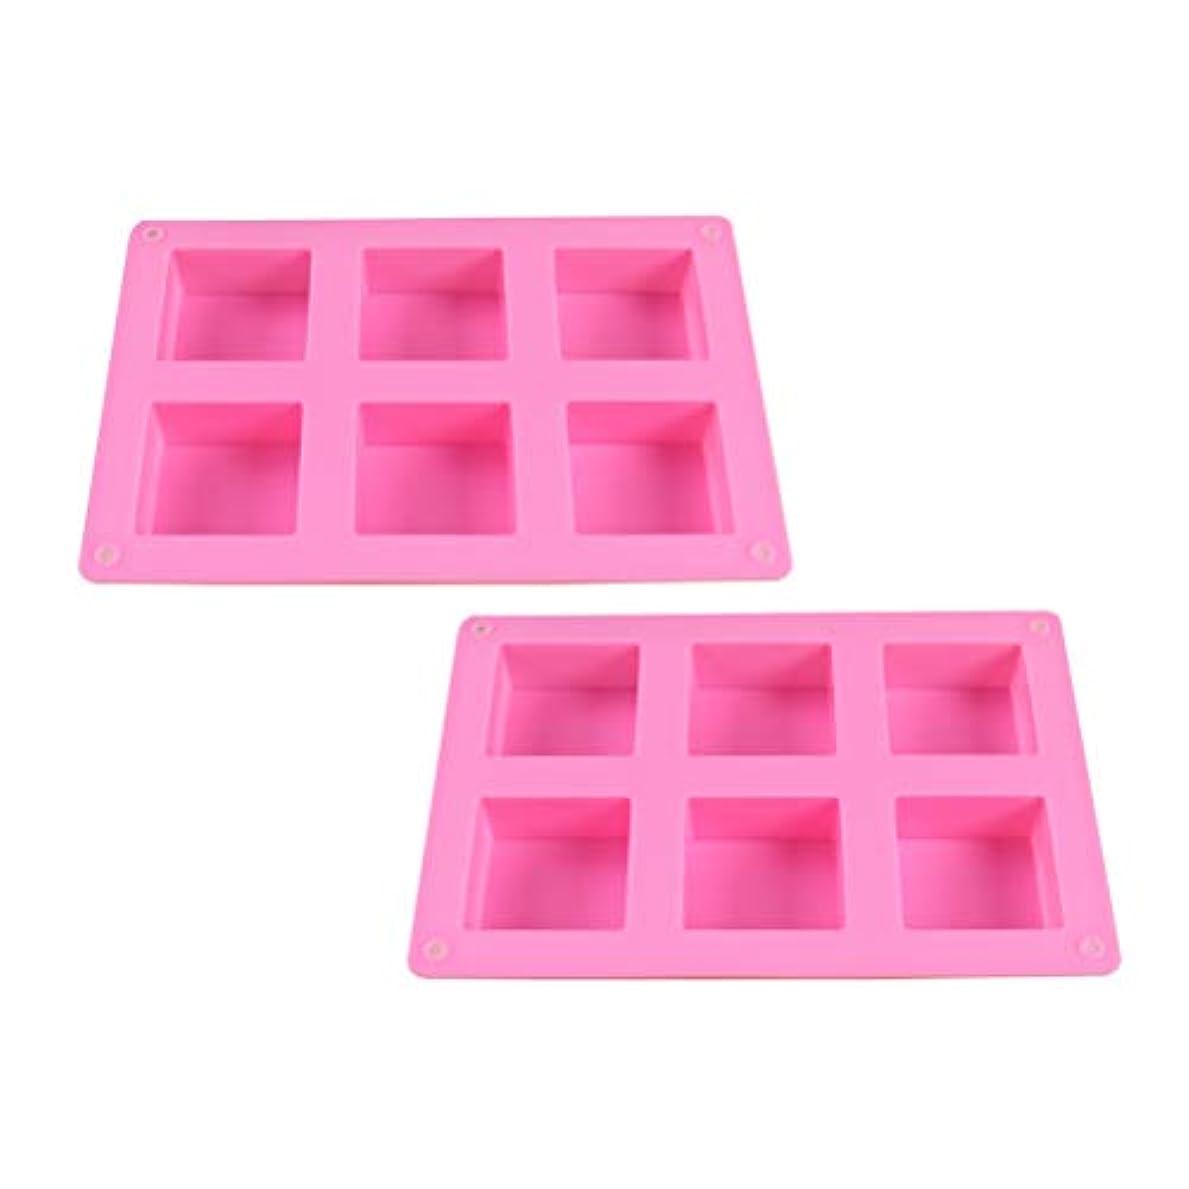 ポテト耐えるシャークHEALIFTY DIYのケーキのベーキング型のための6つのキャビティシリコーンの石鹸型との石鹸作りのための2PCS石鹸型